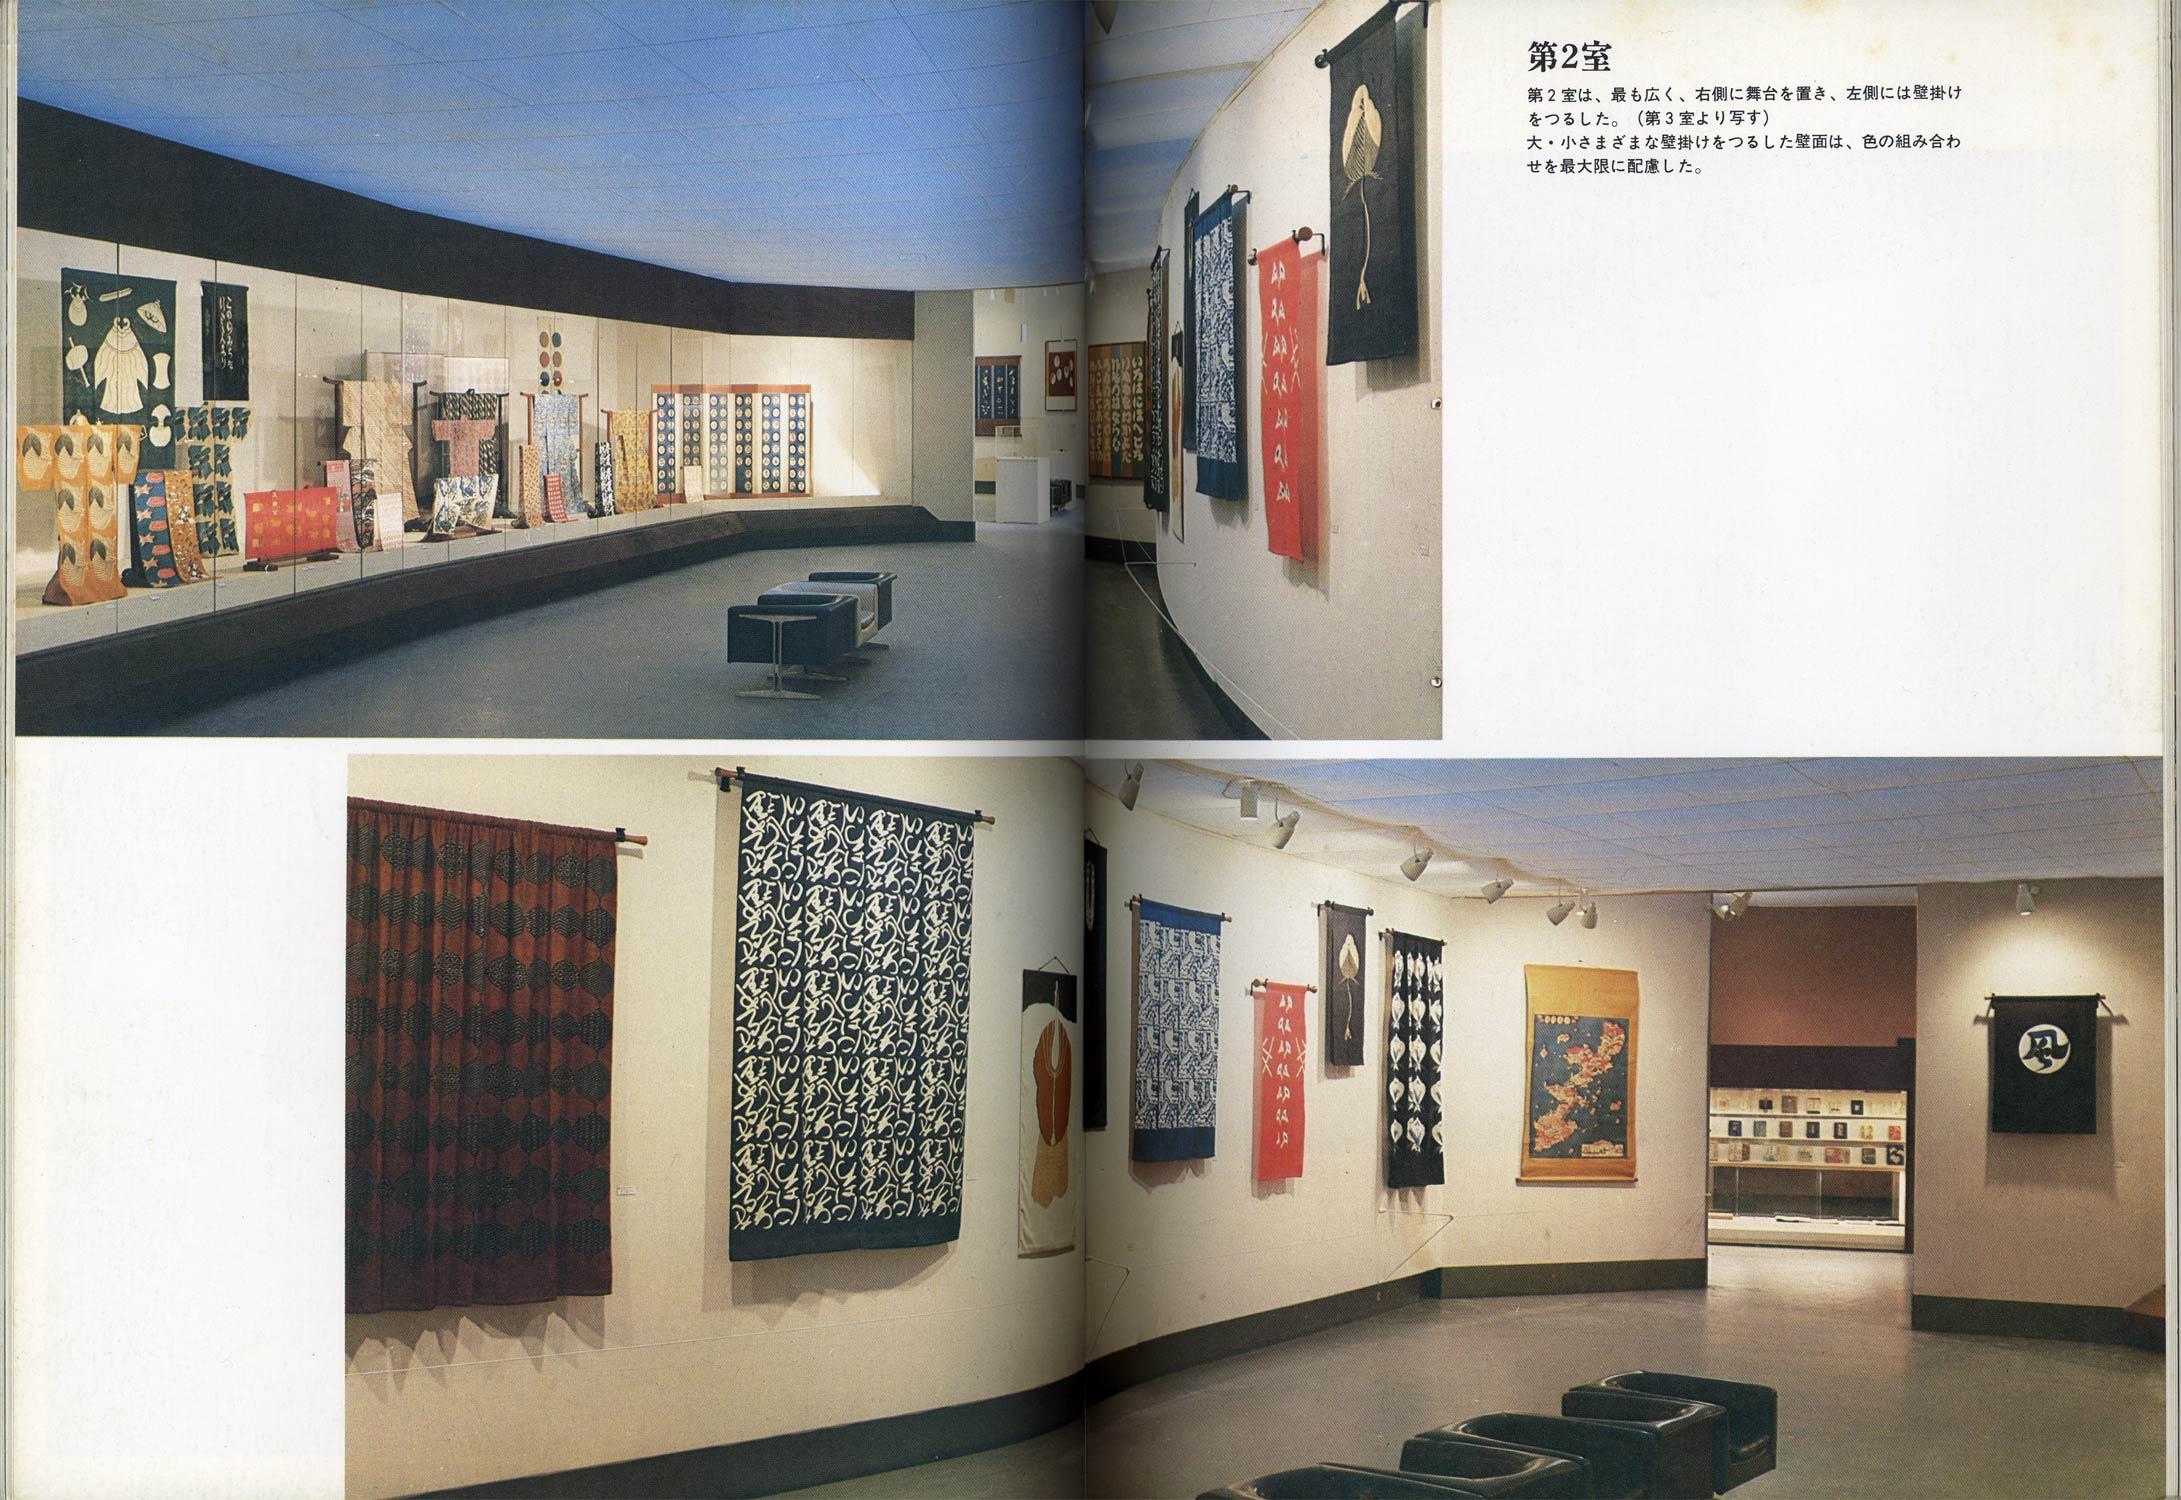 芹沢銈介巴里展[image2]